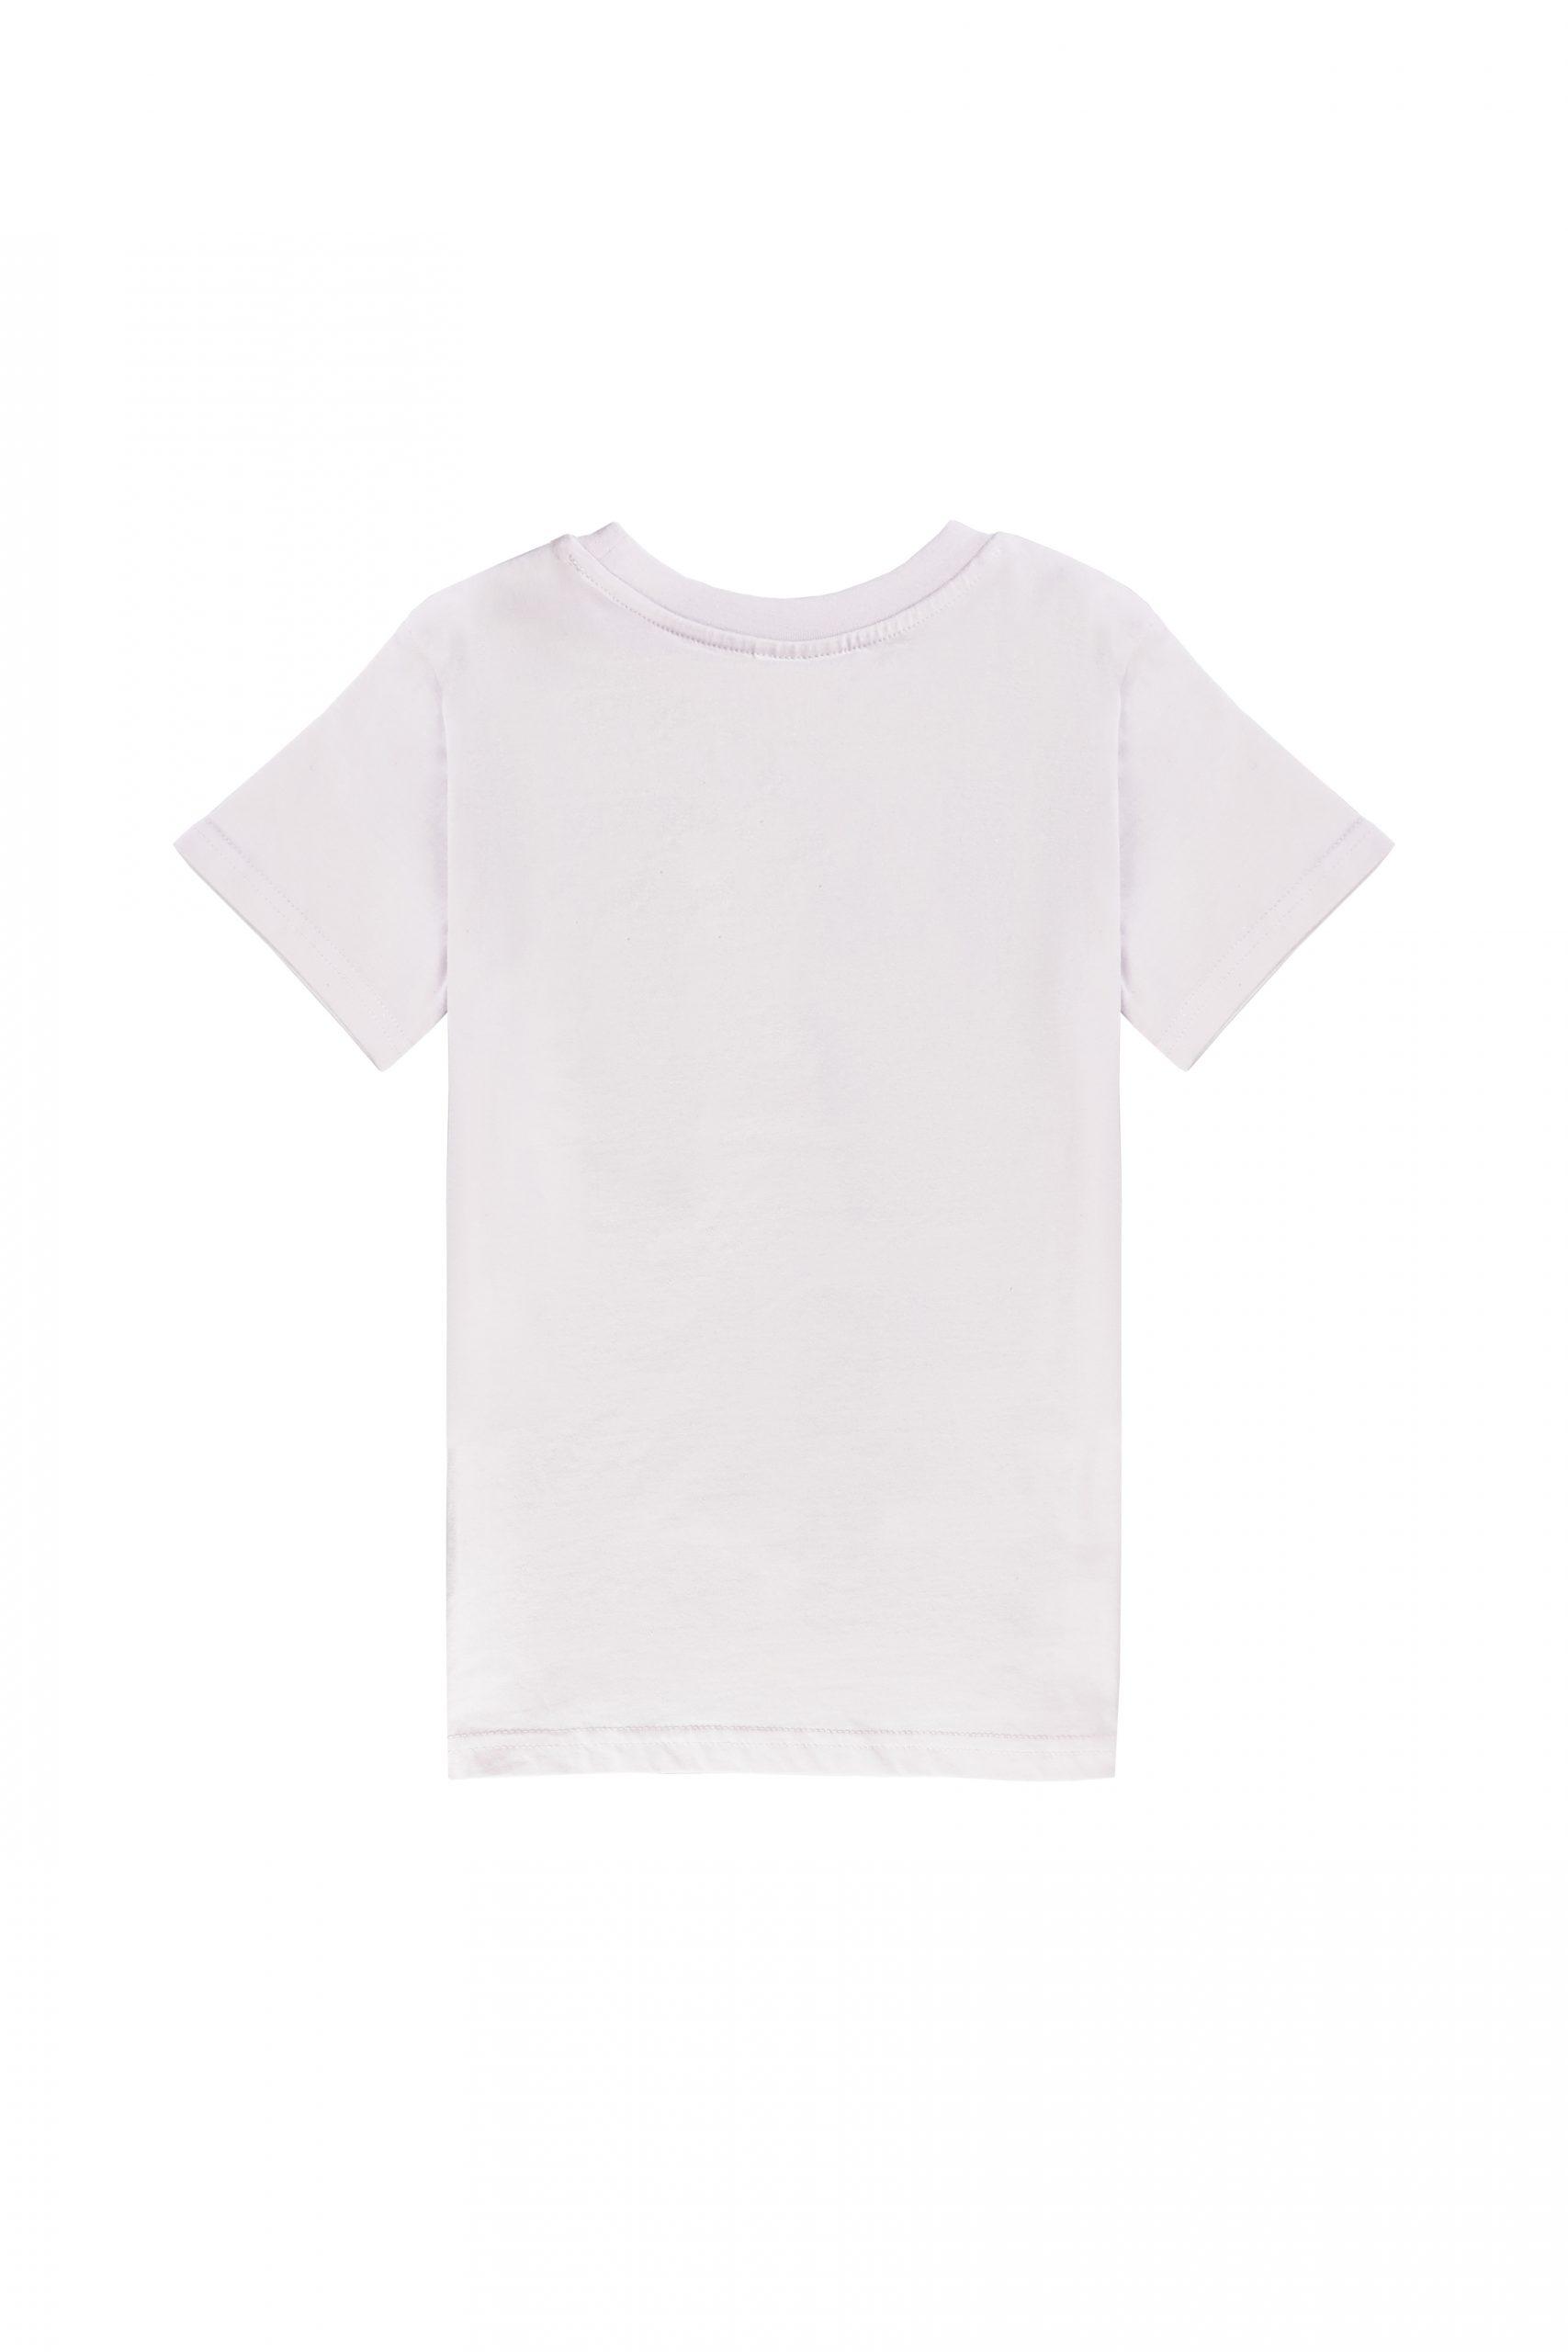 Chlapecké tričko Vibe Bílá